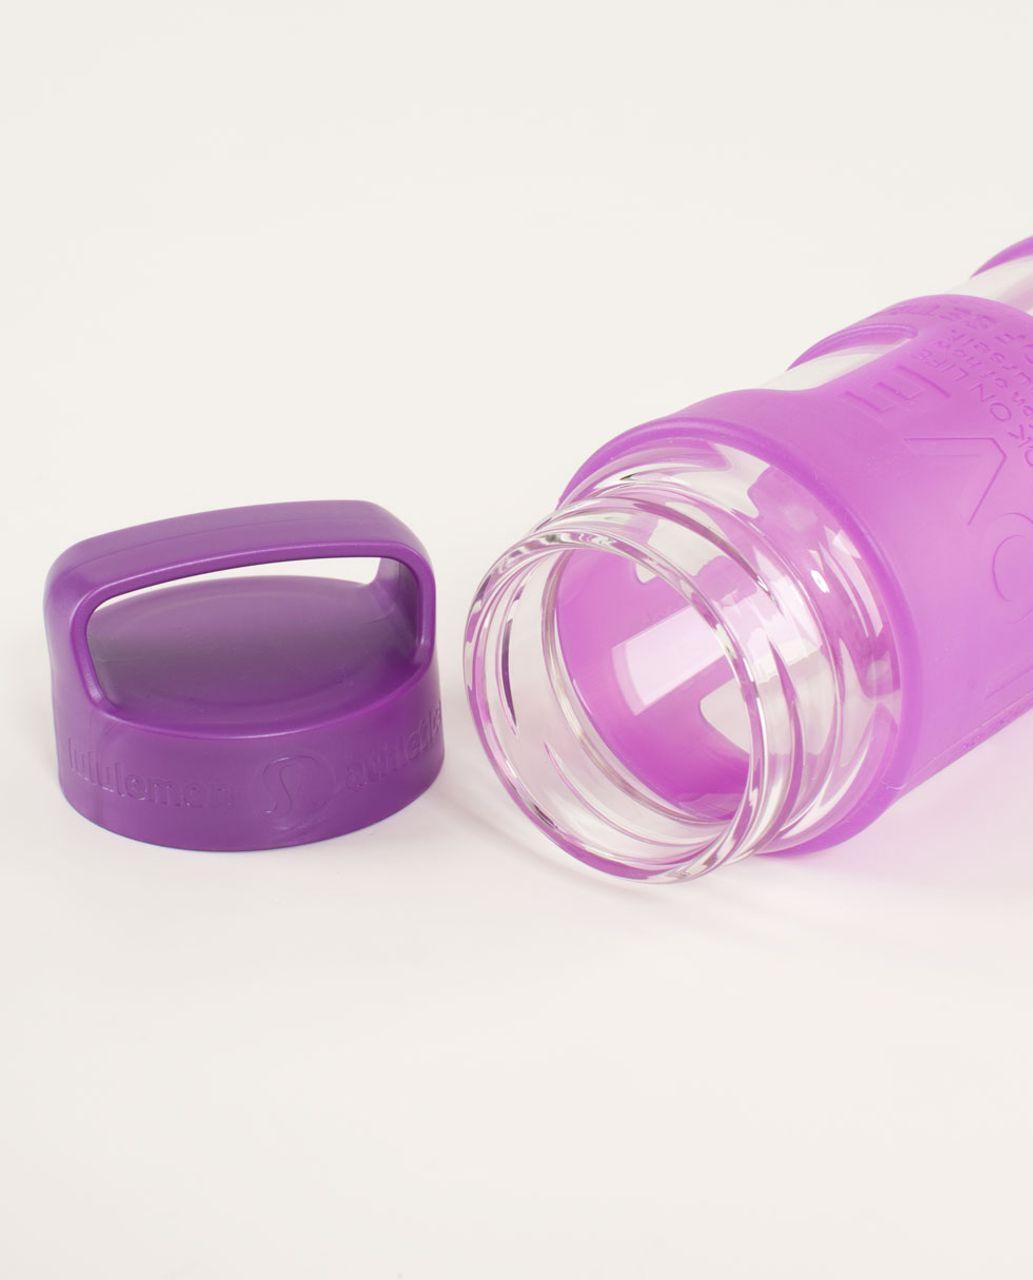 Lululemon Pure Balance Water Bottle - Tender Violet